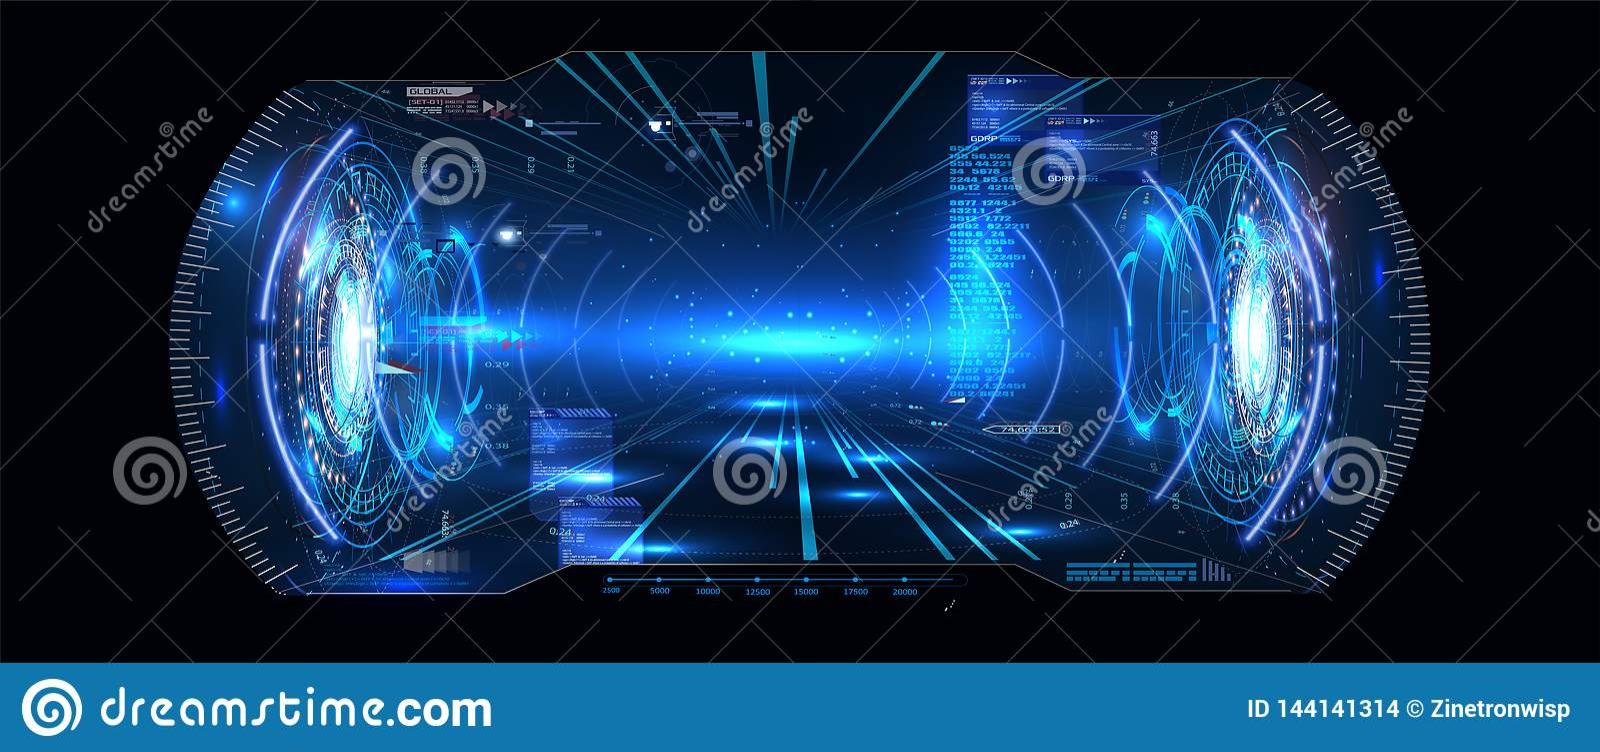 Exhibición futurista HUD UI GUI Interface Screen Design de la cabeza-para arriba del vector VR Realidad virtual Interfaz de usuar